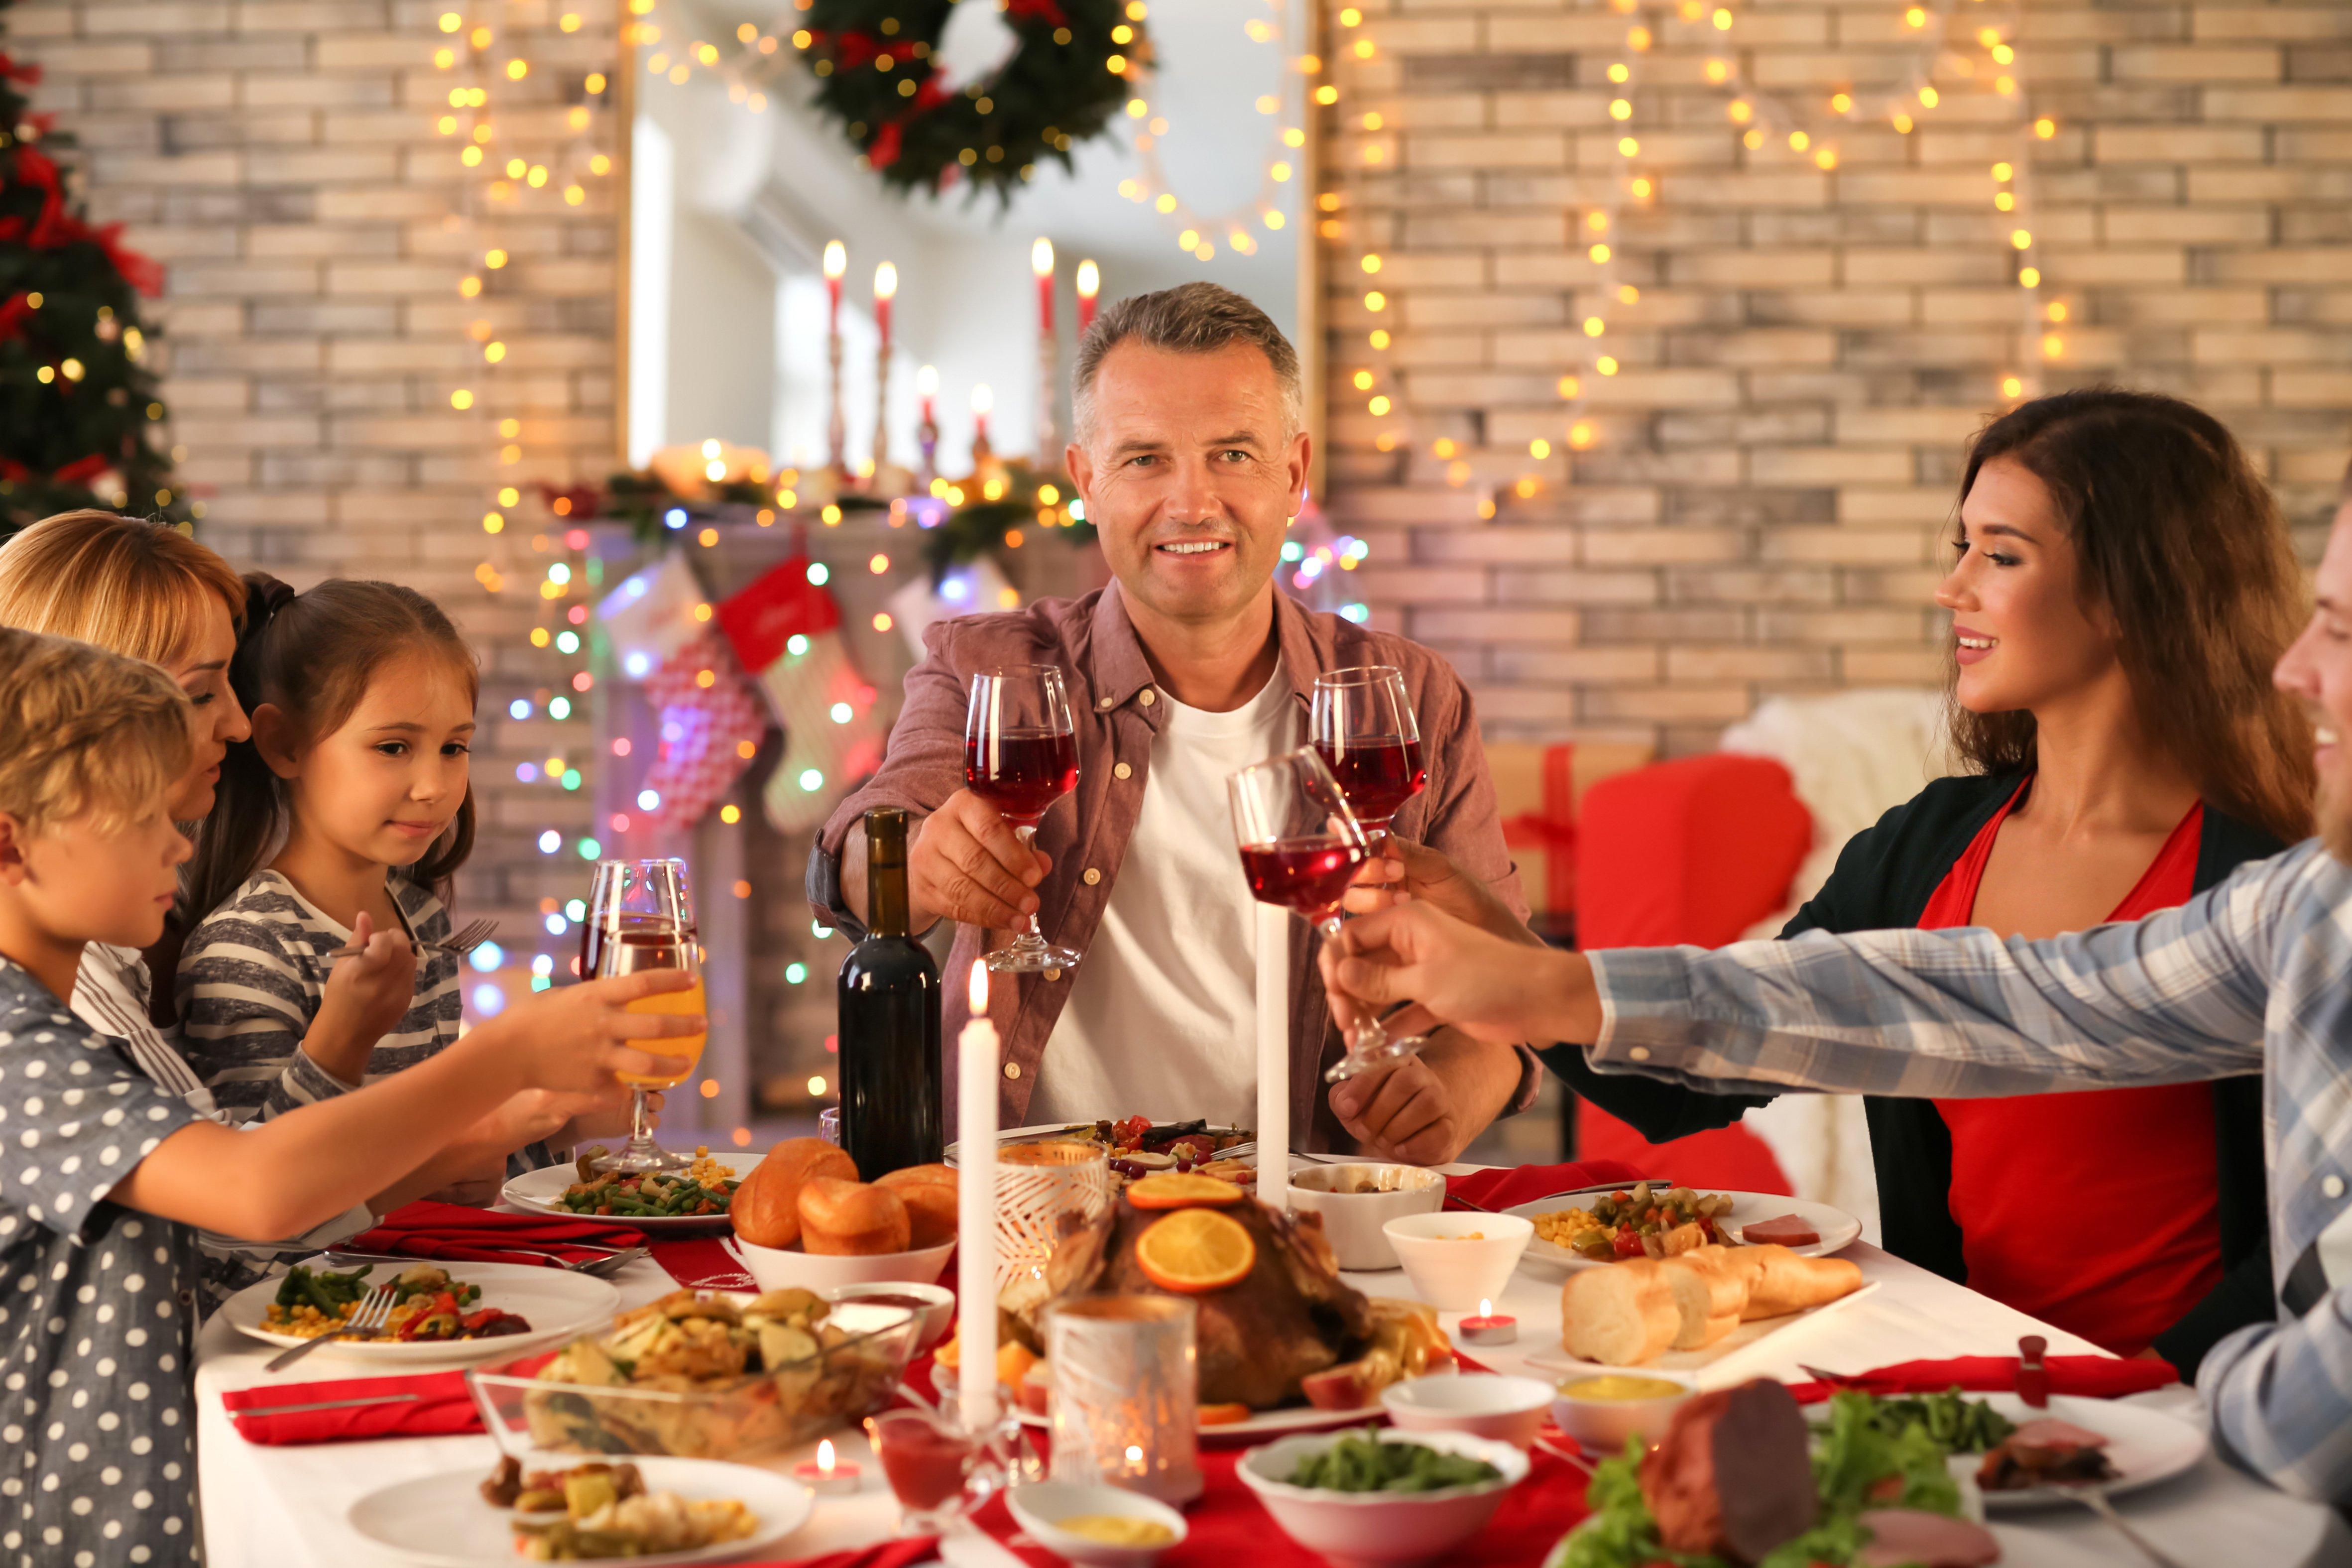 jpns Family eating Christmas Dinner 2.jpeg